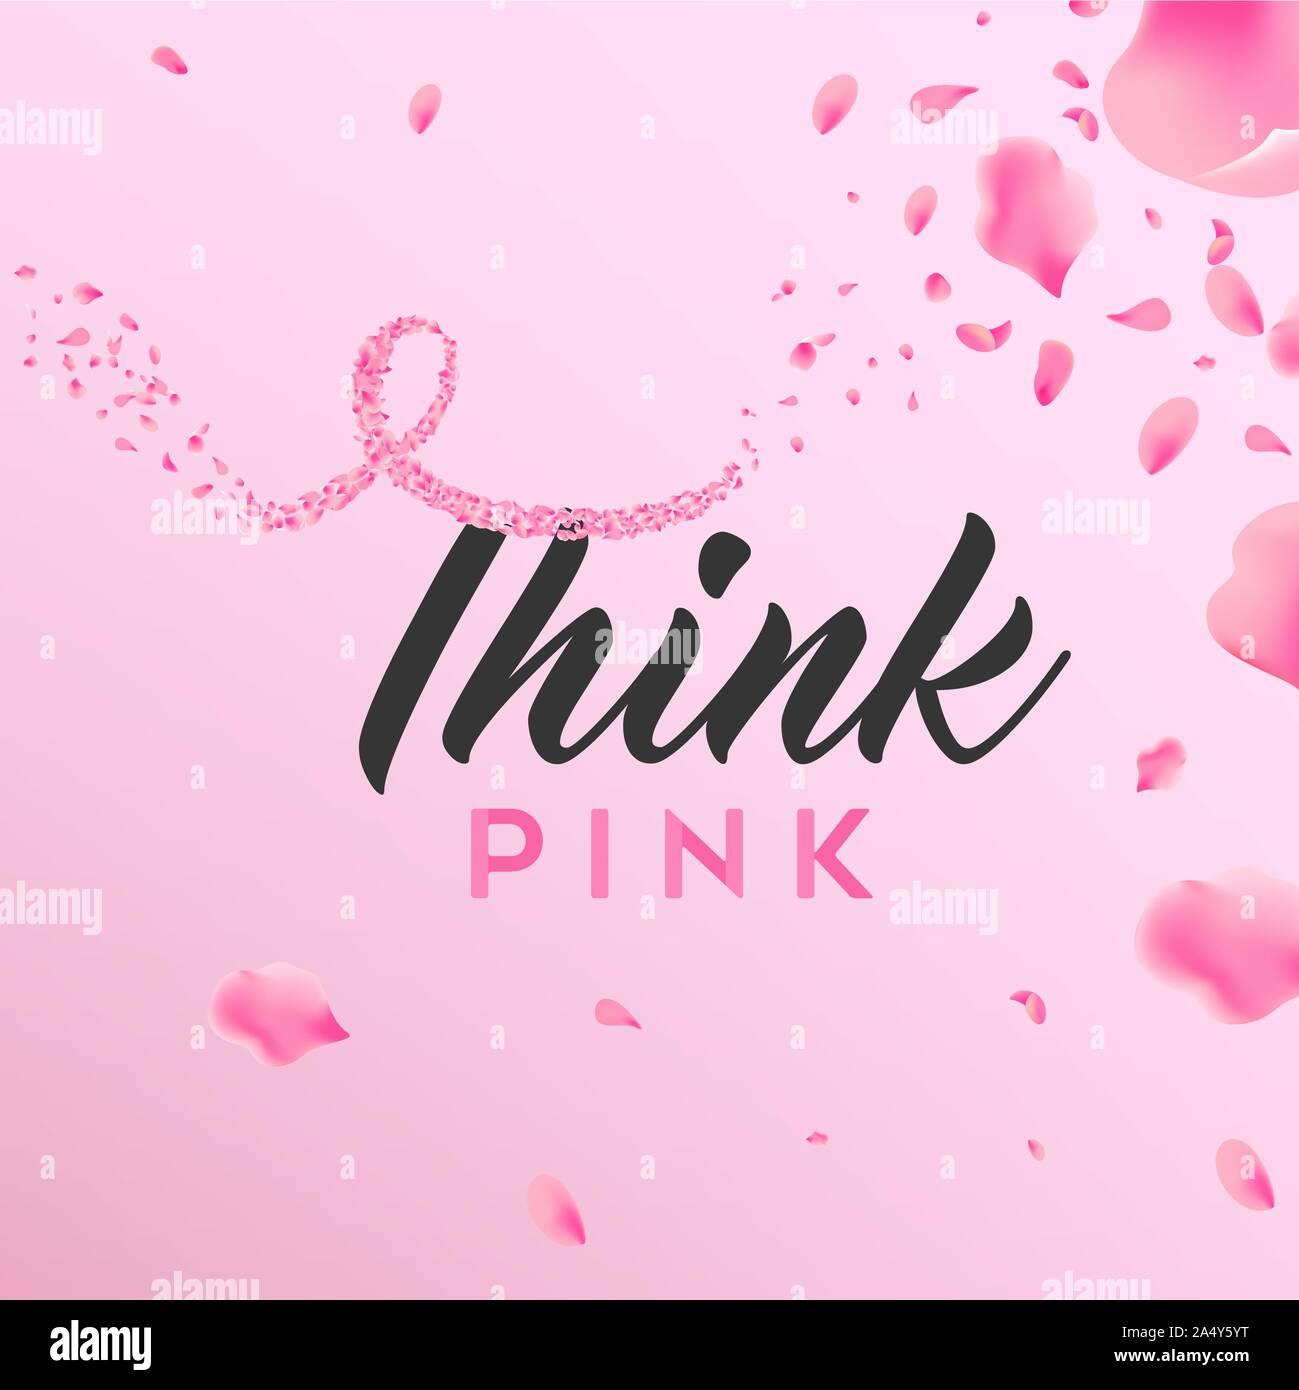 Brustkrebs-bewußtsein Monat floral Illustration, think pink Text Kalligraphie Nachricht und Farbband Form von rose Blumenblätter für Gesundheit Kampagne Stock Vektor